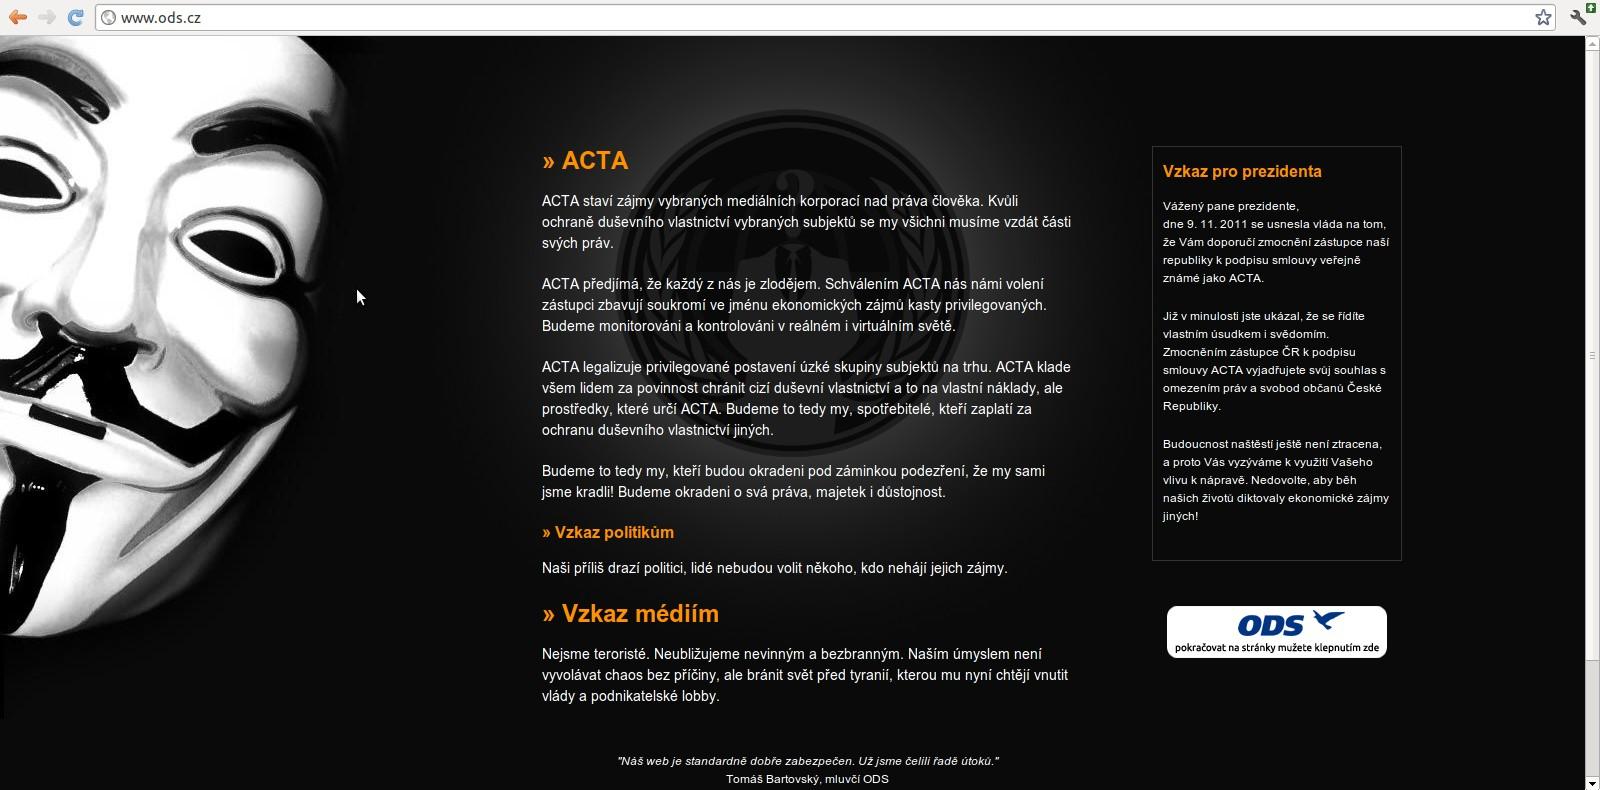 Výzva kritizující dohodu ACTA se dostala až na webové stránky ODS